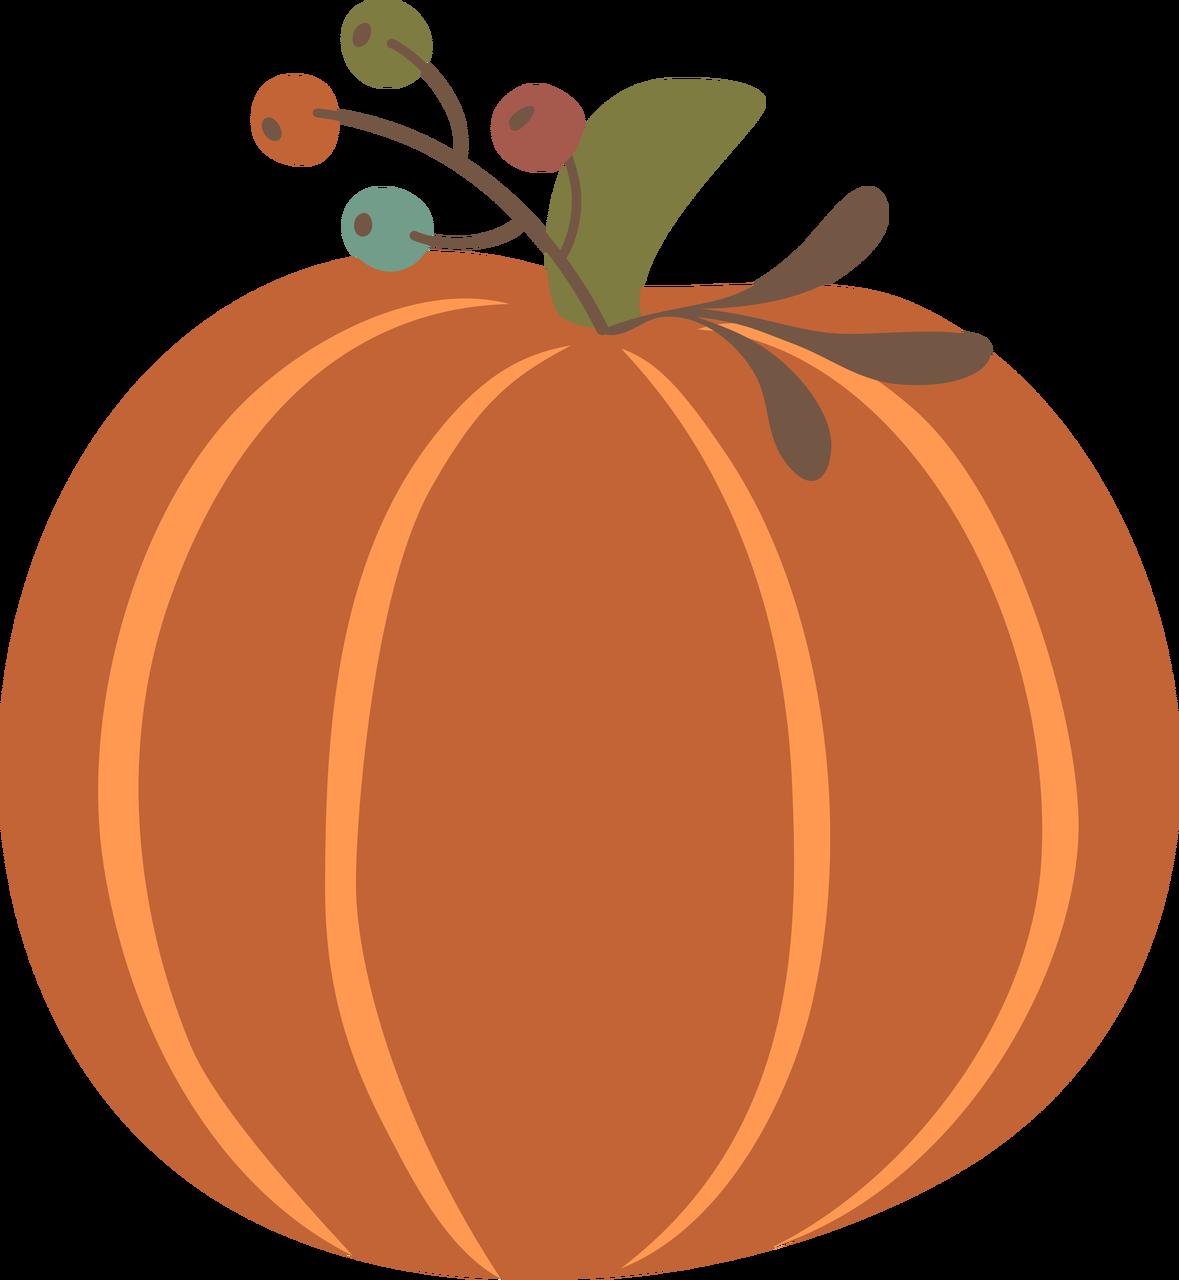 Pumpkin SVG Cut File